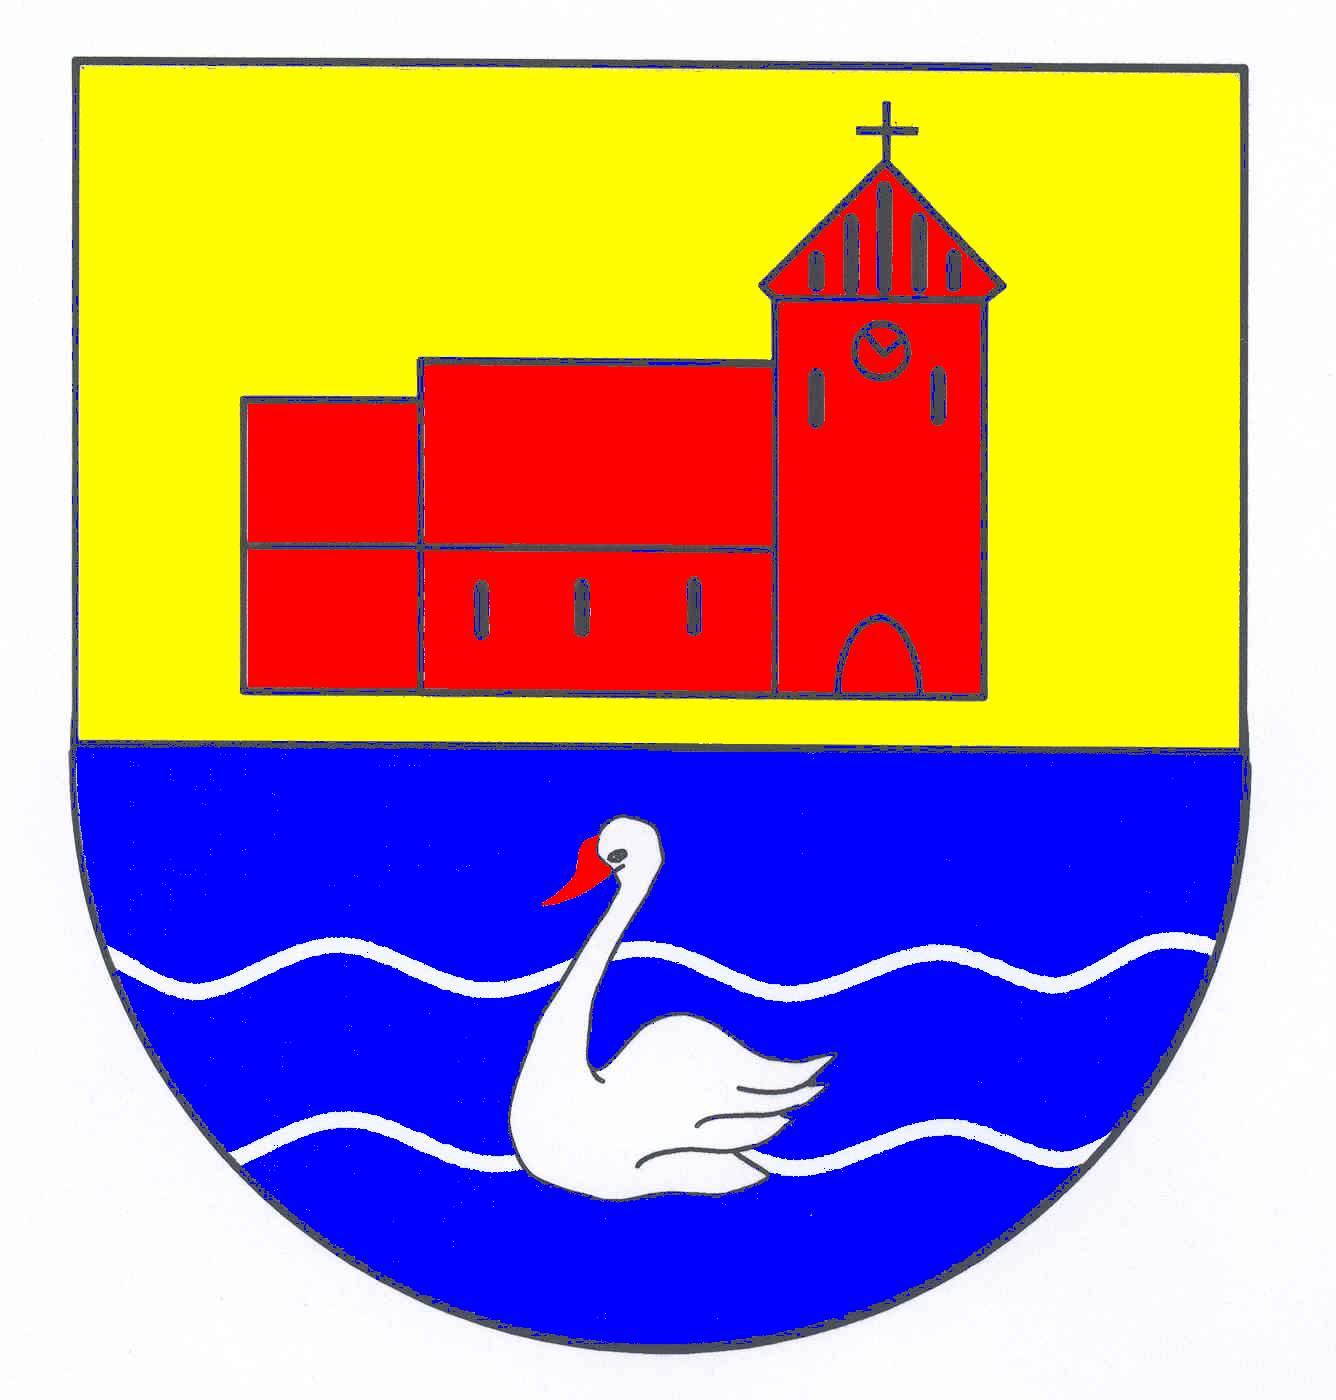 Wappen GemeindeKarby, Kreis Rendsburg-Eckernförde